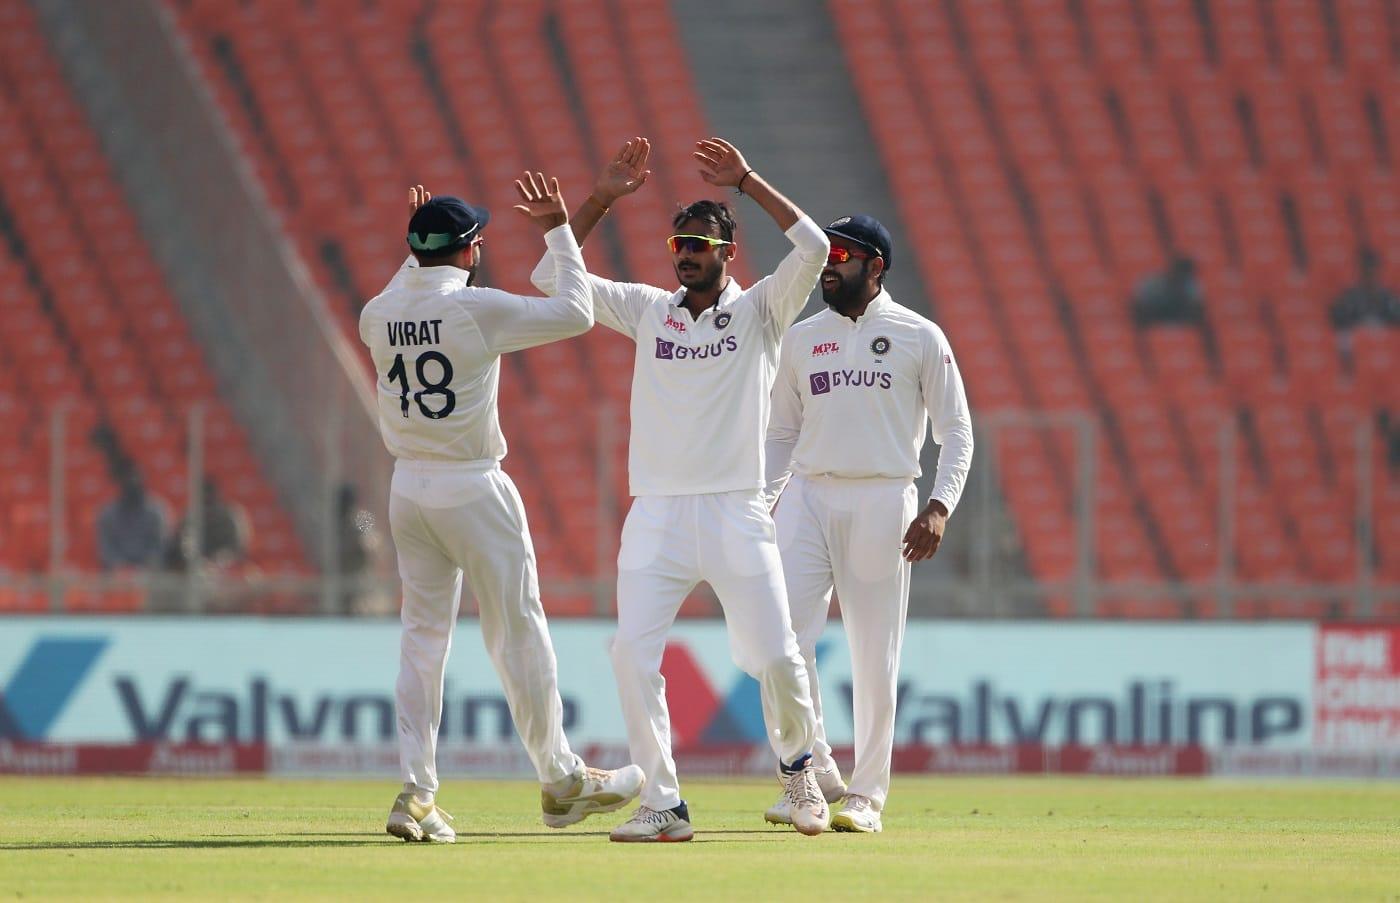 भारत वर्ल्ड टेस्ट च्याम्पियनसिपको फाइनलमा